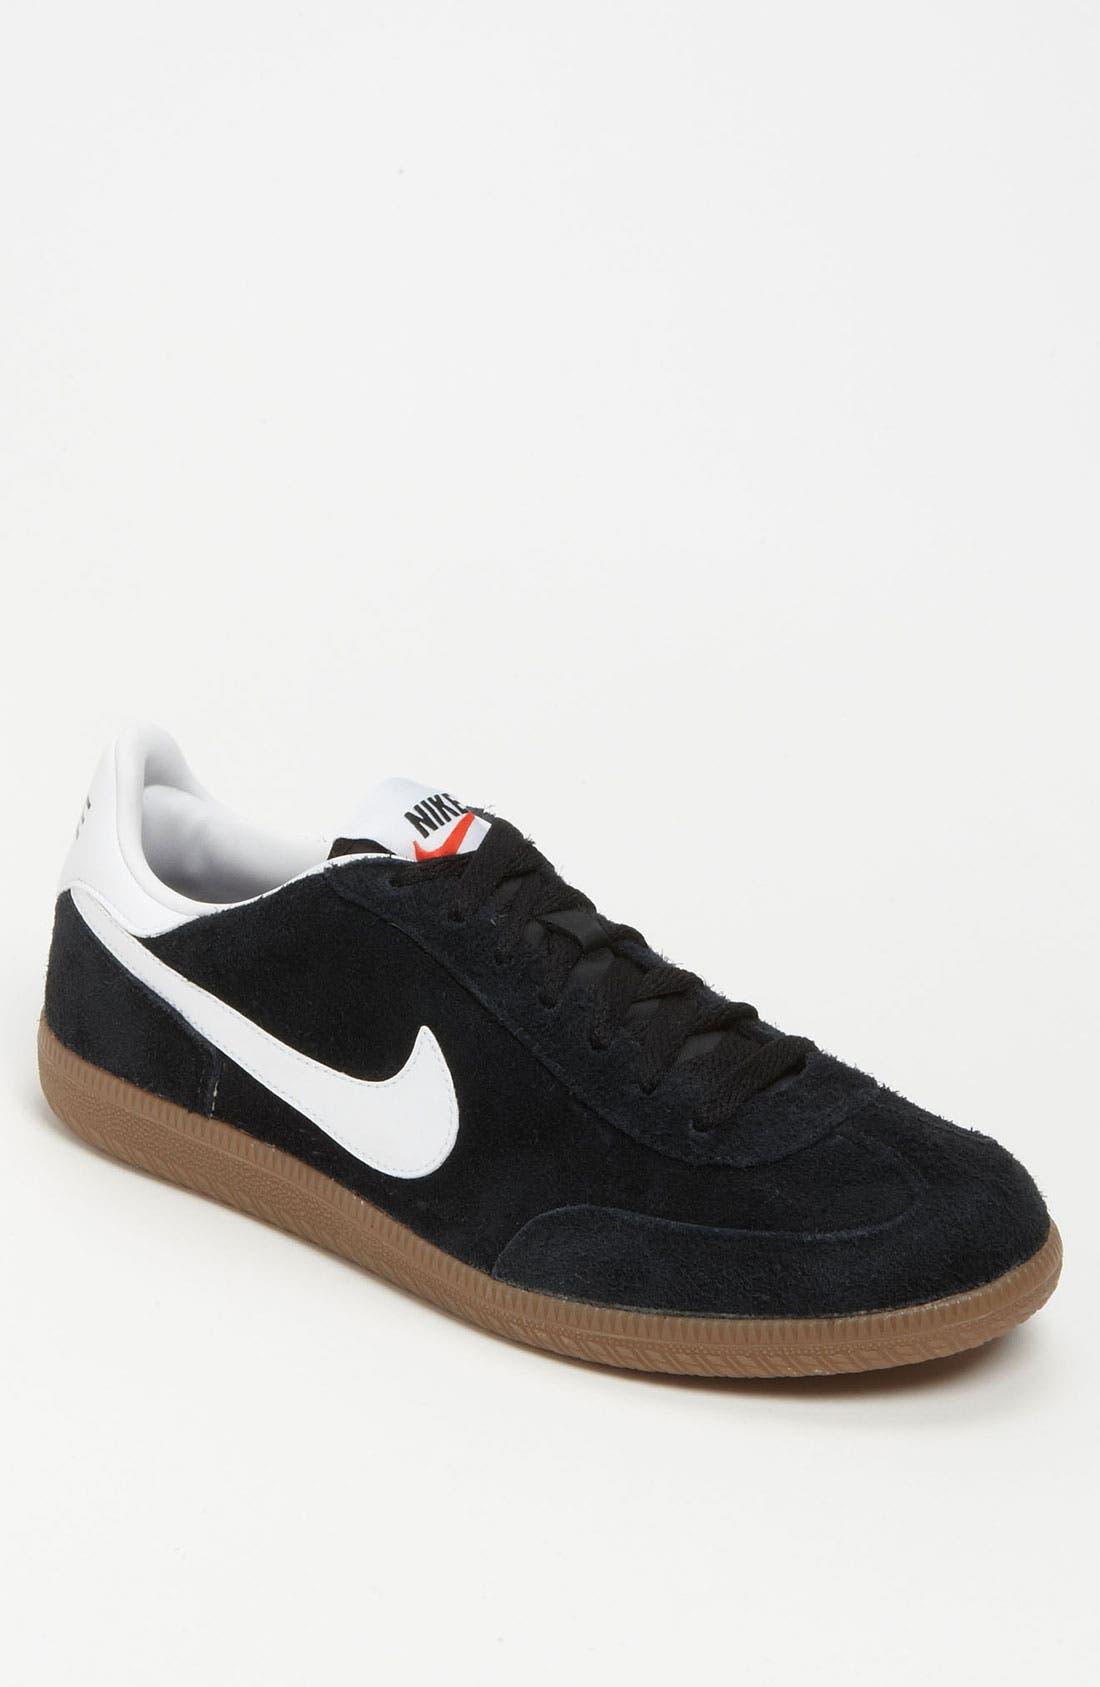 Alternate Image 1 Selected - Nike 'Cheyenne 2013 OG' Sneaker (Men)